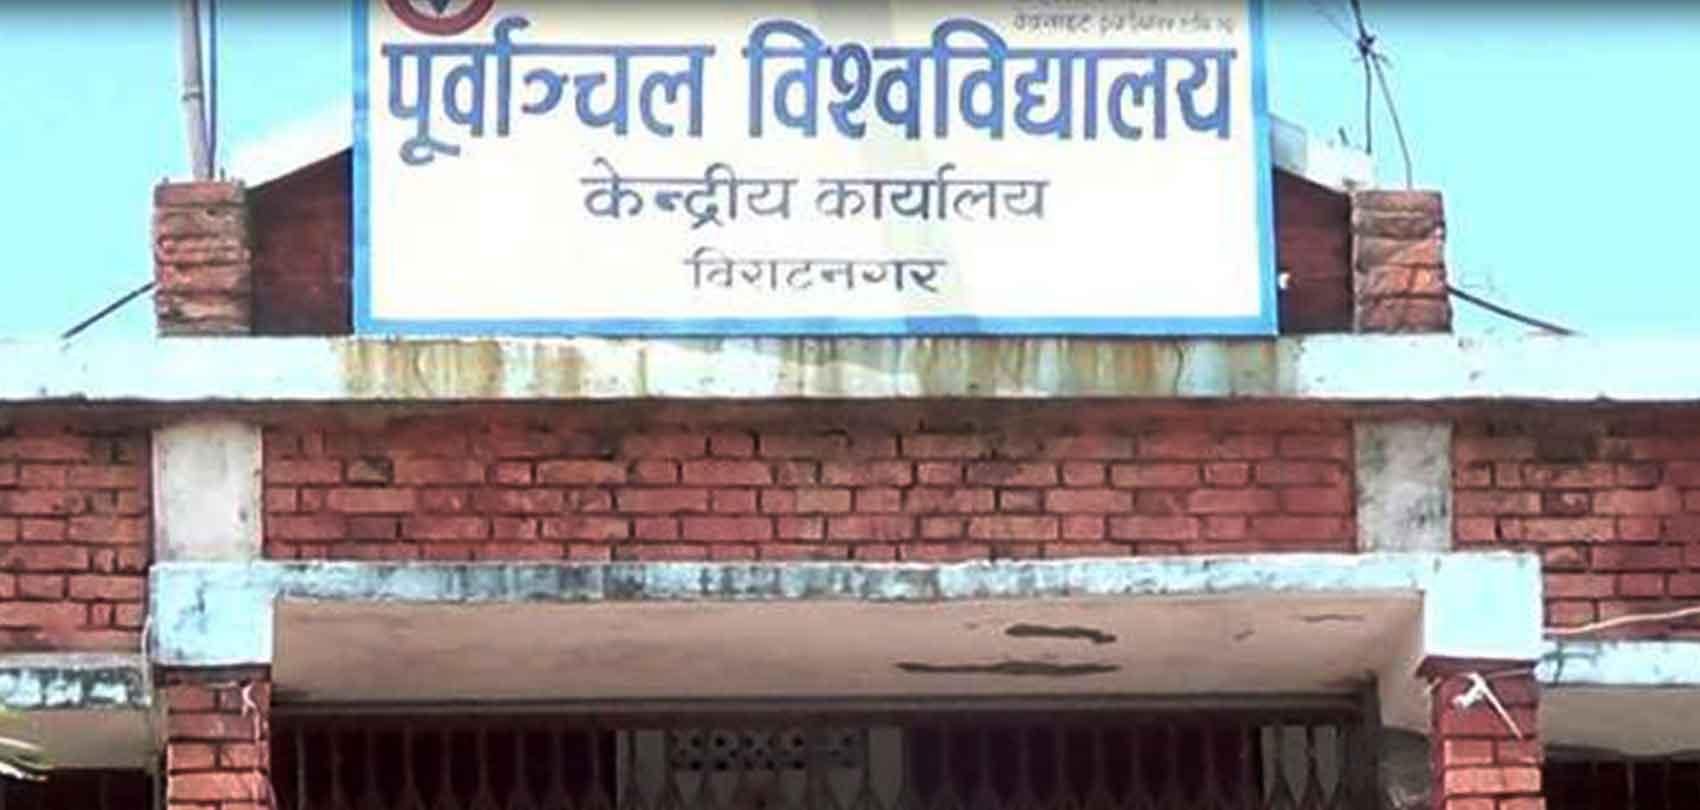 नेपाली सर्टिफिकेट अफ्रिकामा पनि बिक्री